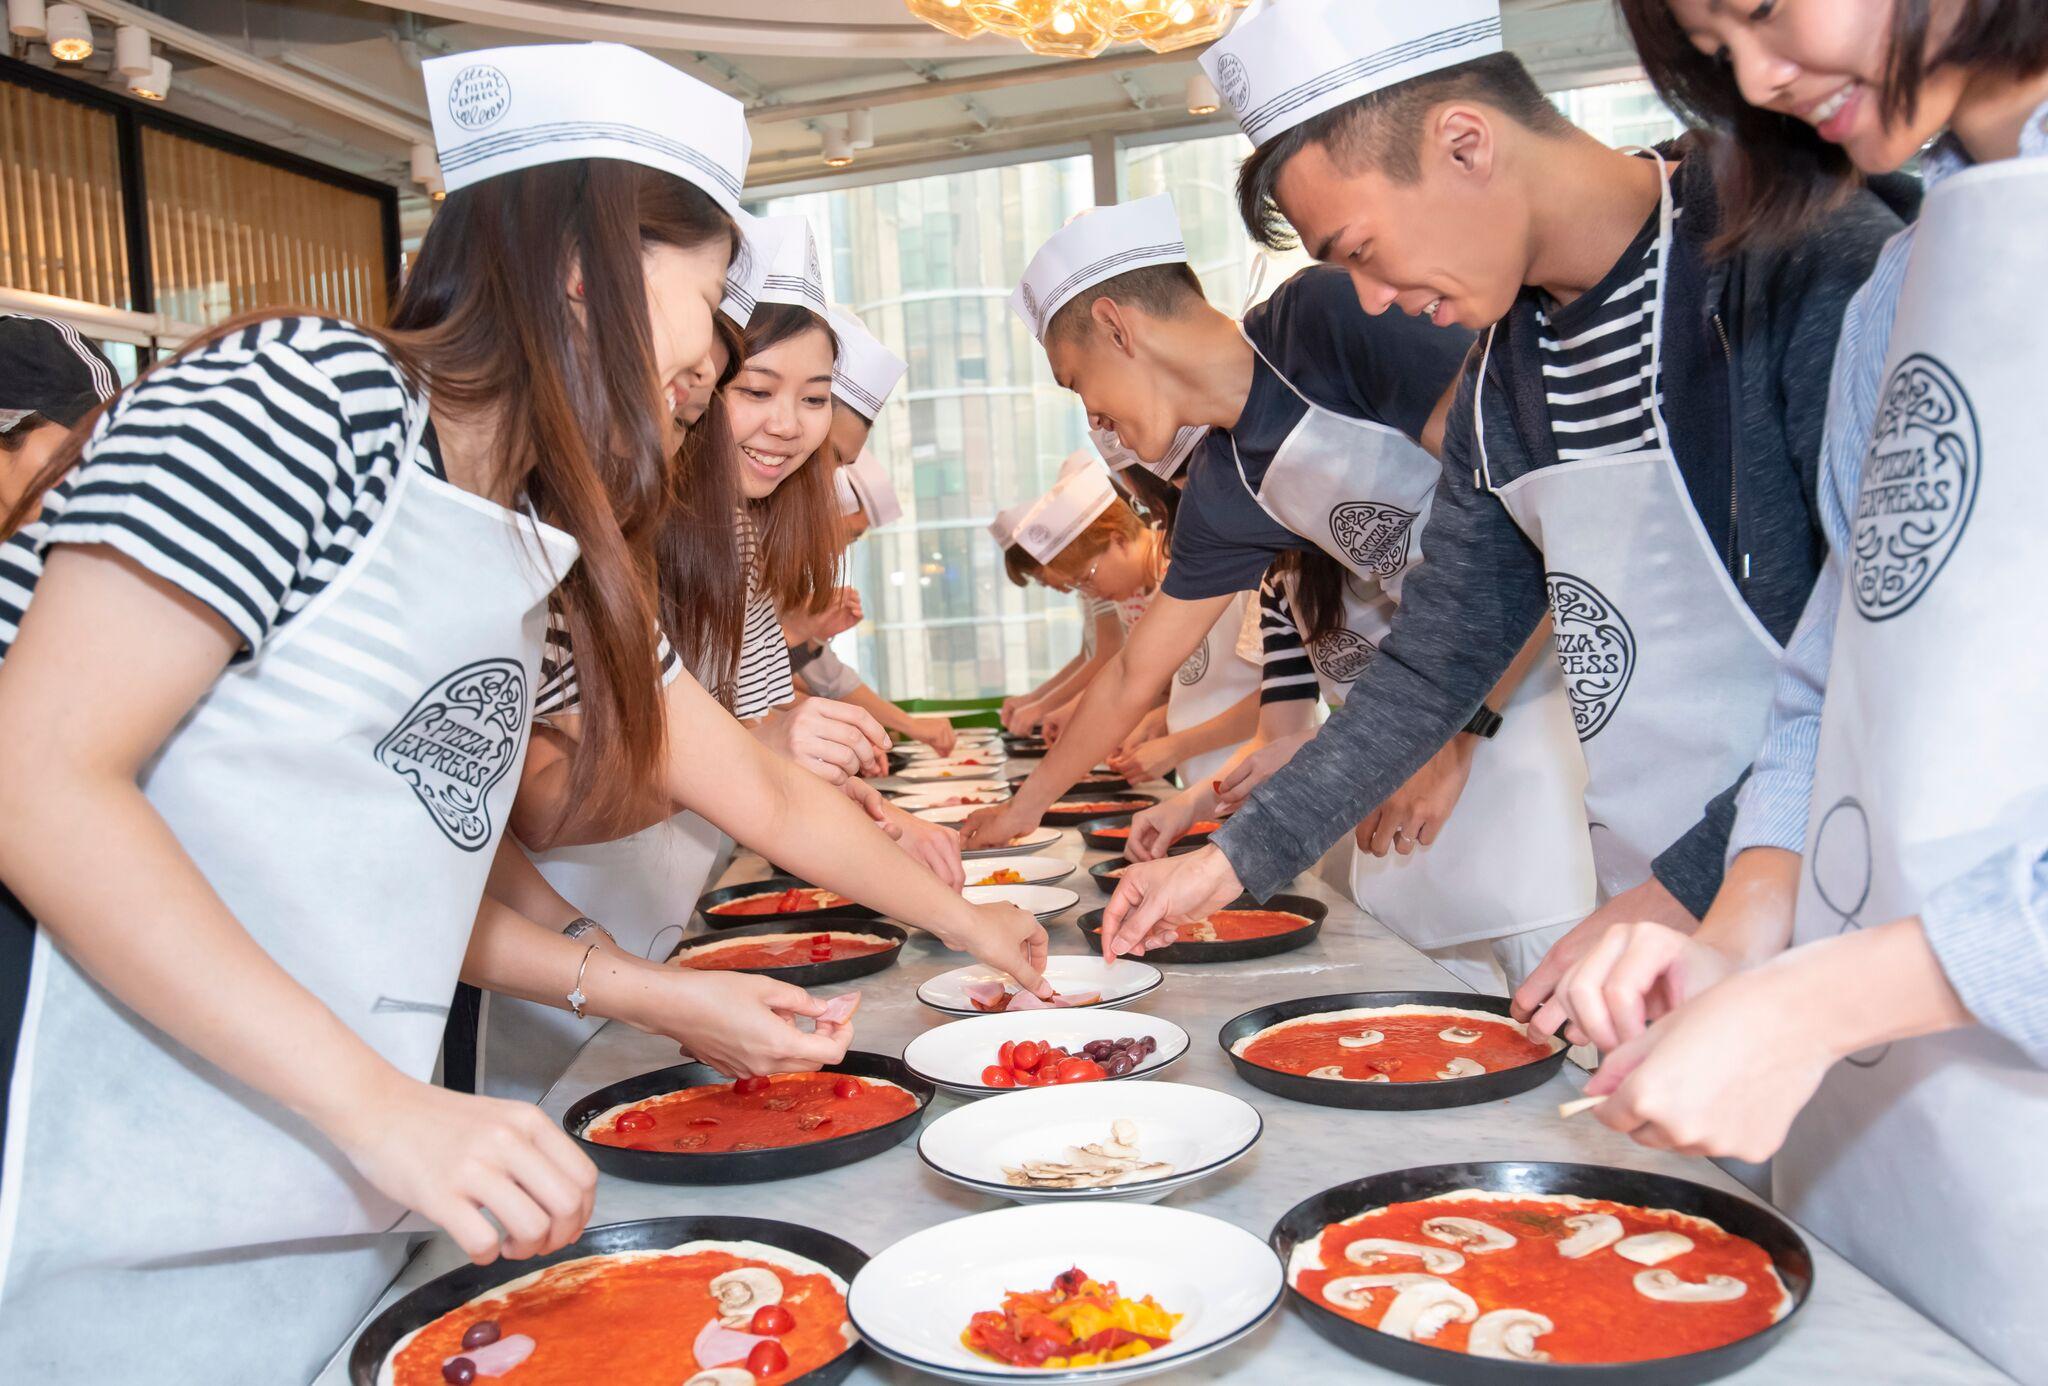 必殺技:駕馭「Pizza」技! 手拉薄餅就是如此有趣好玩!與孩子一同投入薄餅世界 - ART FOOD - K11